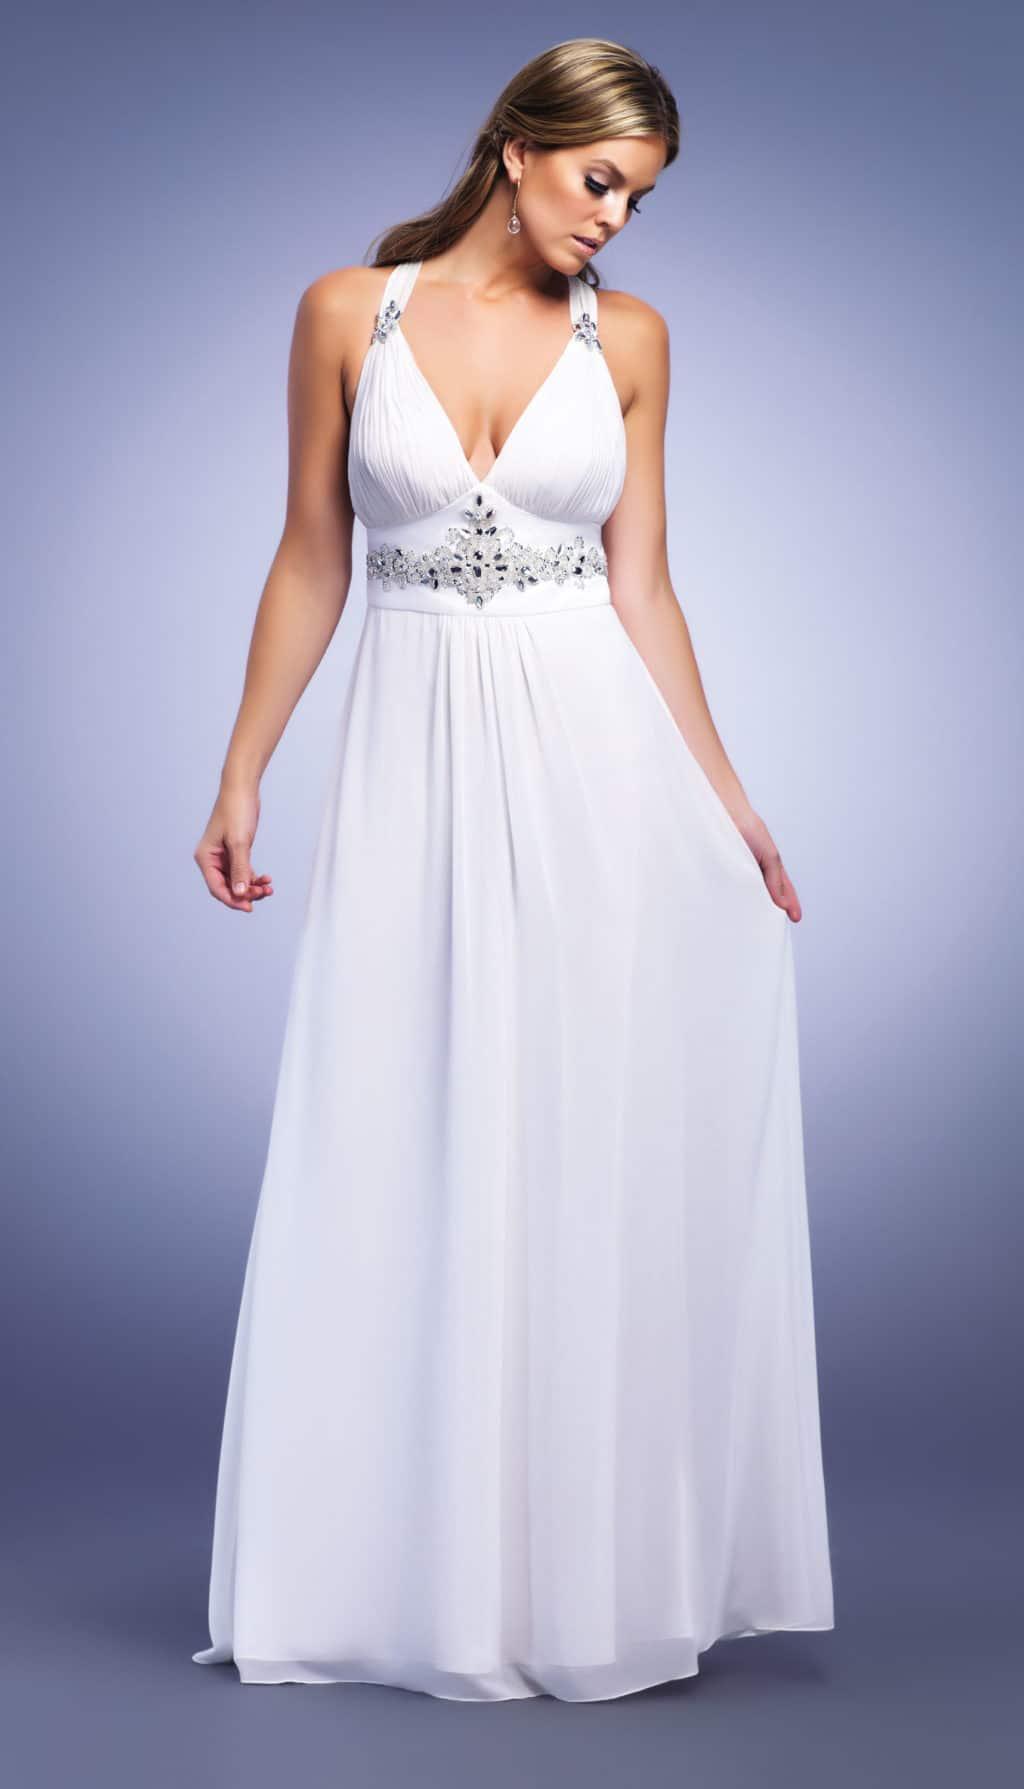 белое платье в греческом стиле